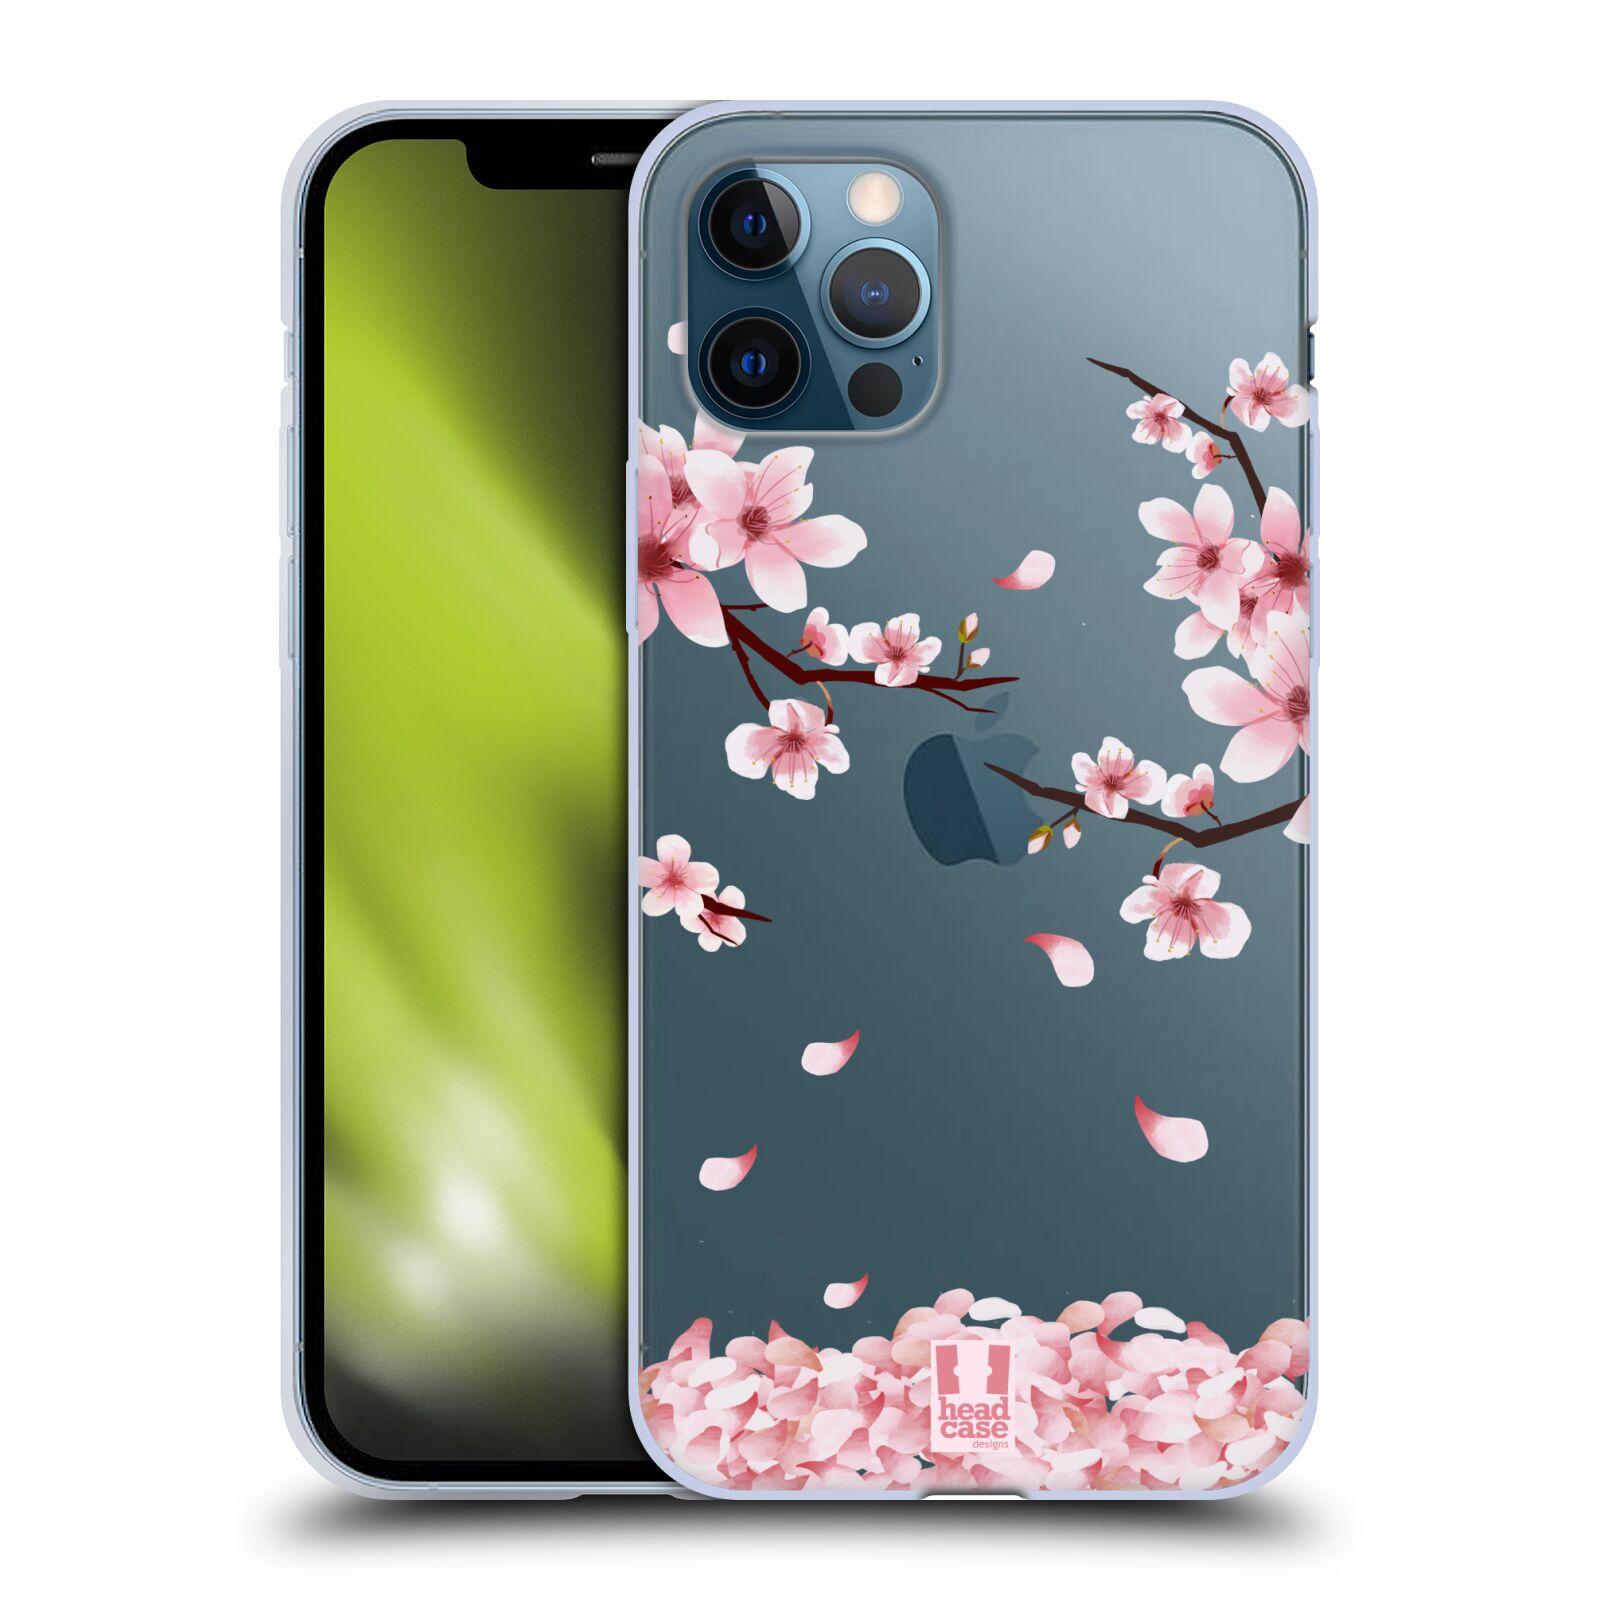 Silikonové pouzdro na mobil Apple iPhone 12 / 12 Pro - Head Case - Květy a větvičky